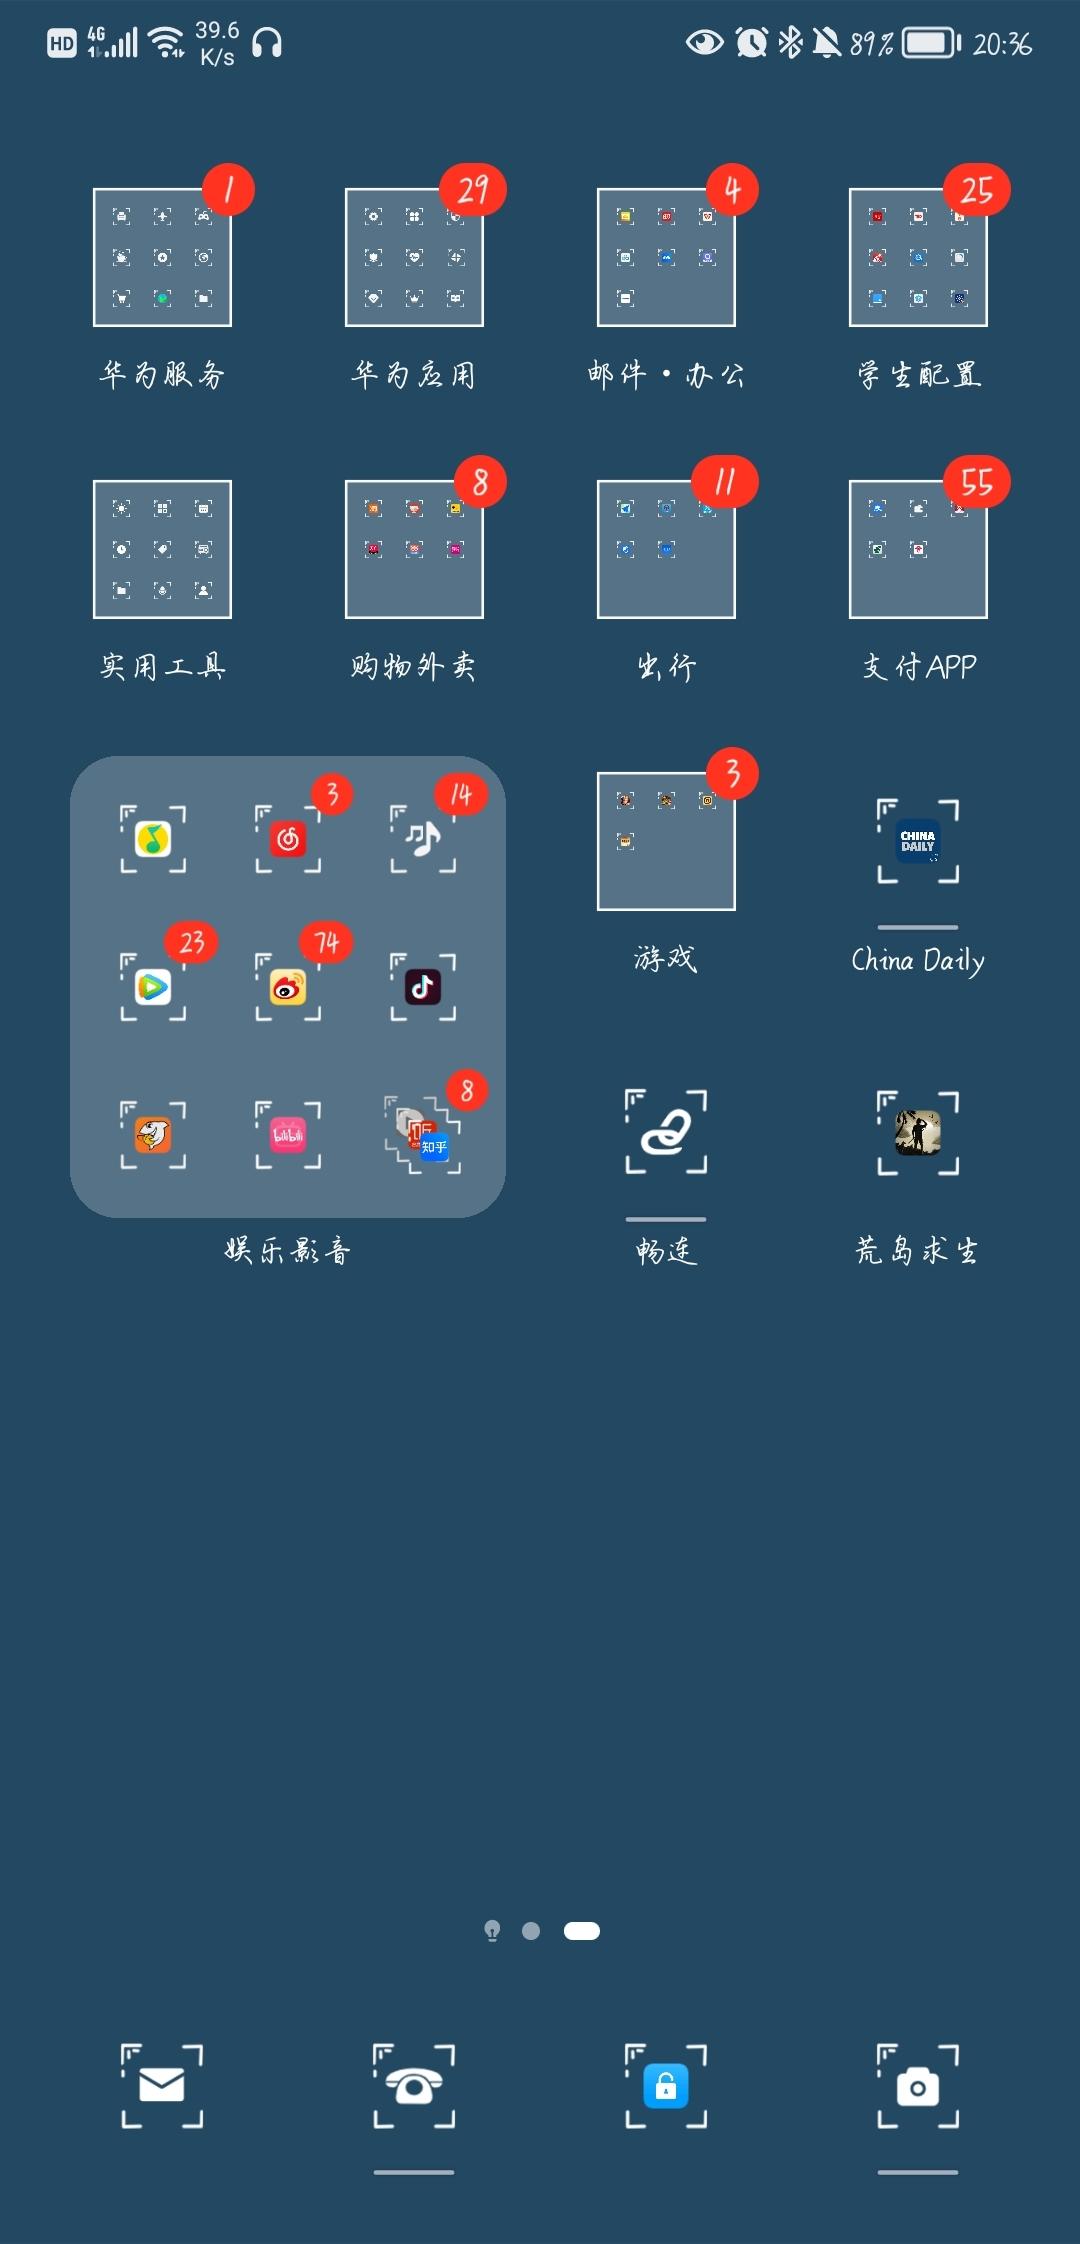 Screenshot_20210909_203615_com.huawei.android.launcher.jpg